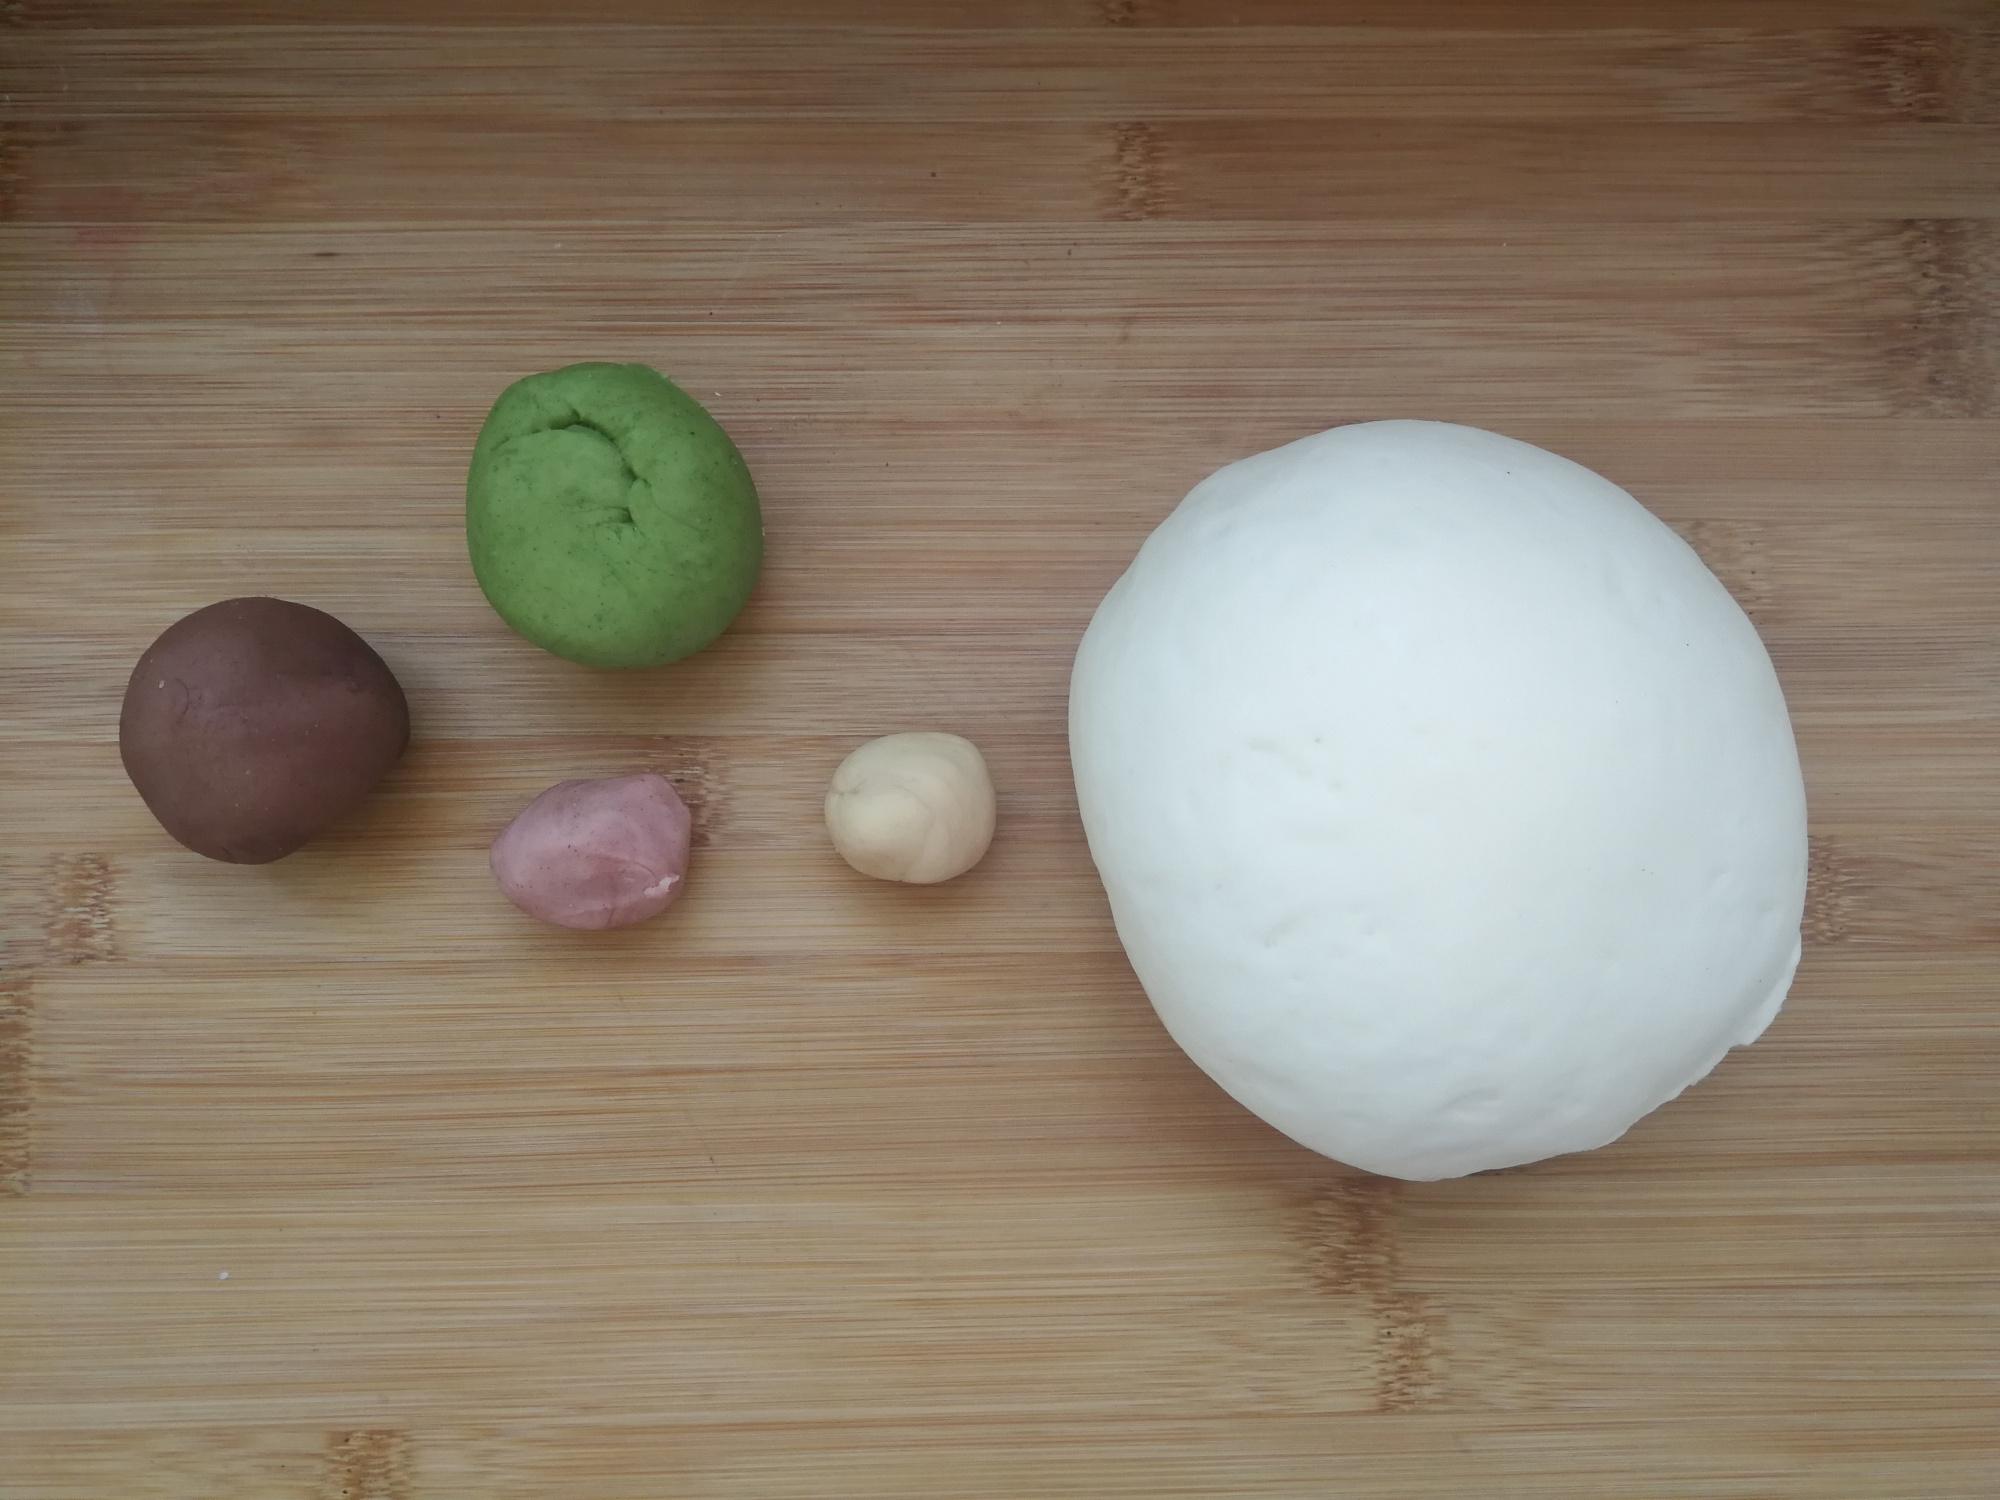 无需烤箱,巧做传统美食蒸月饼,好吃不上火,营养更健康